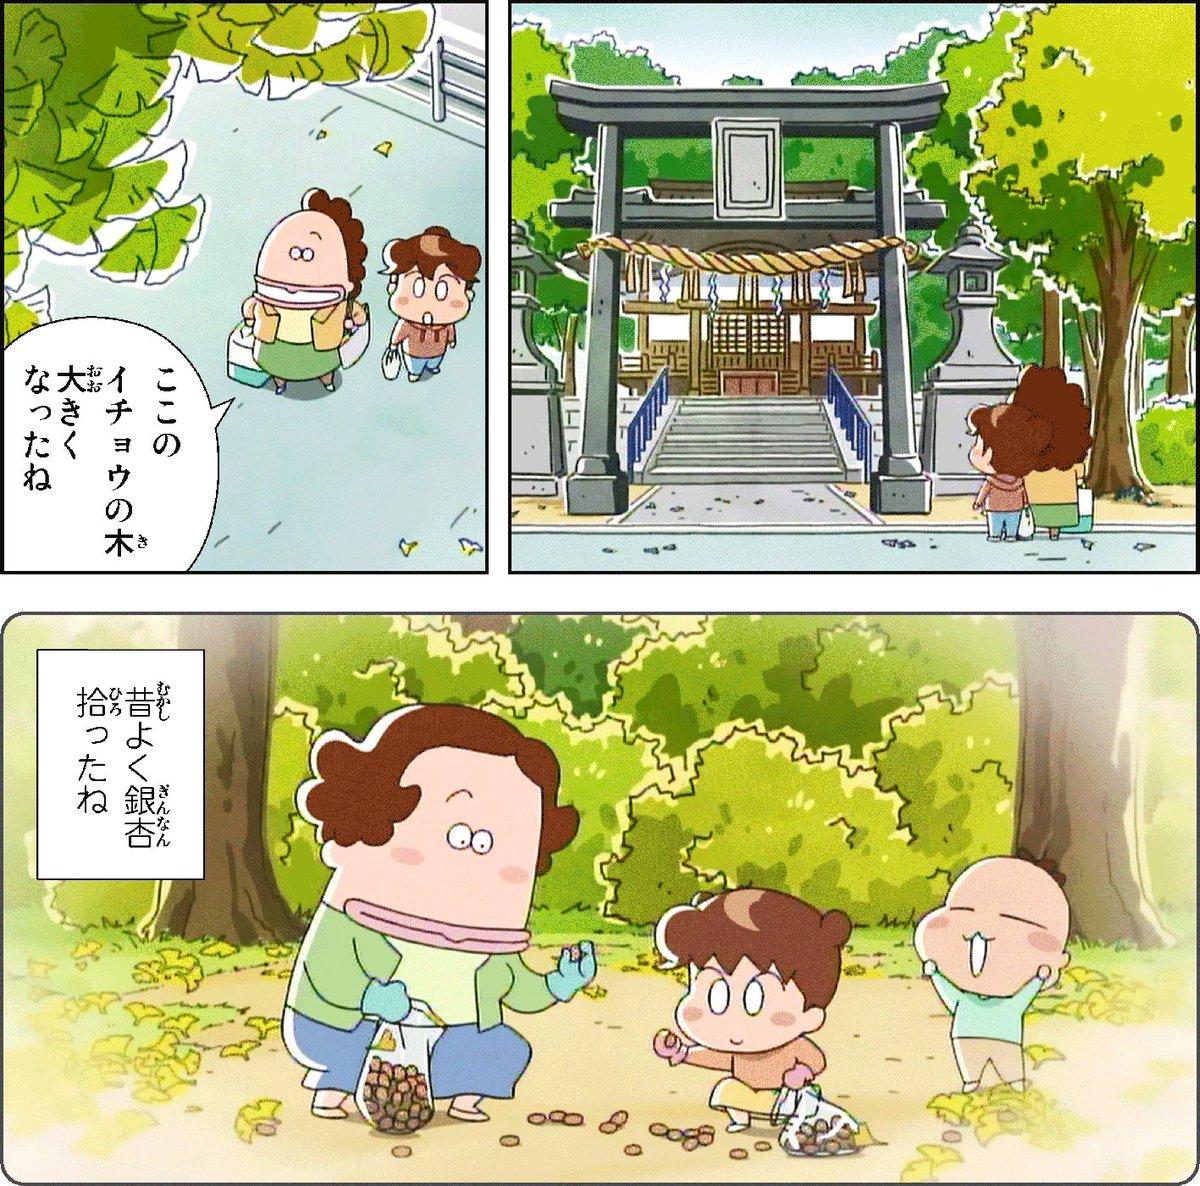 あたしンちの秋(「アニメ新あたしンち1」p.73)